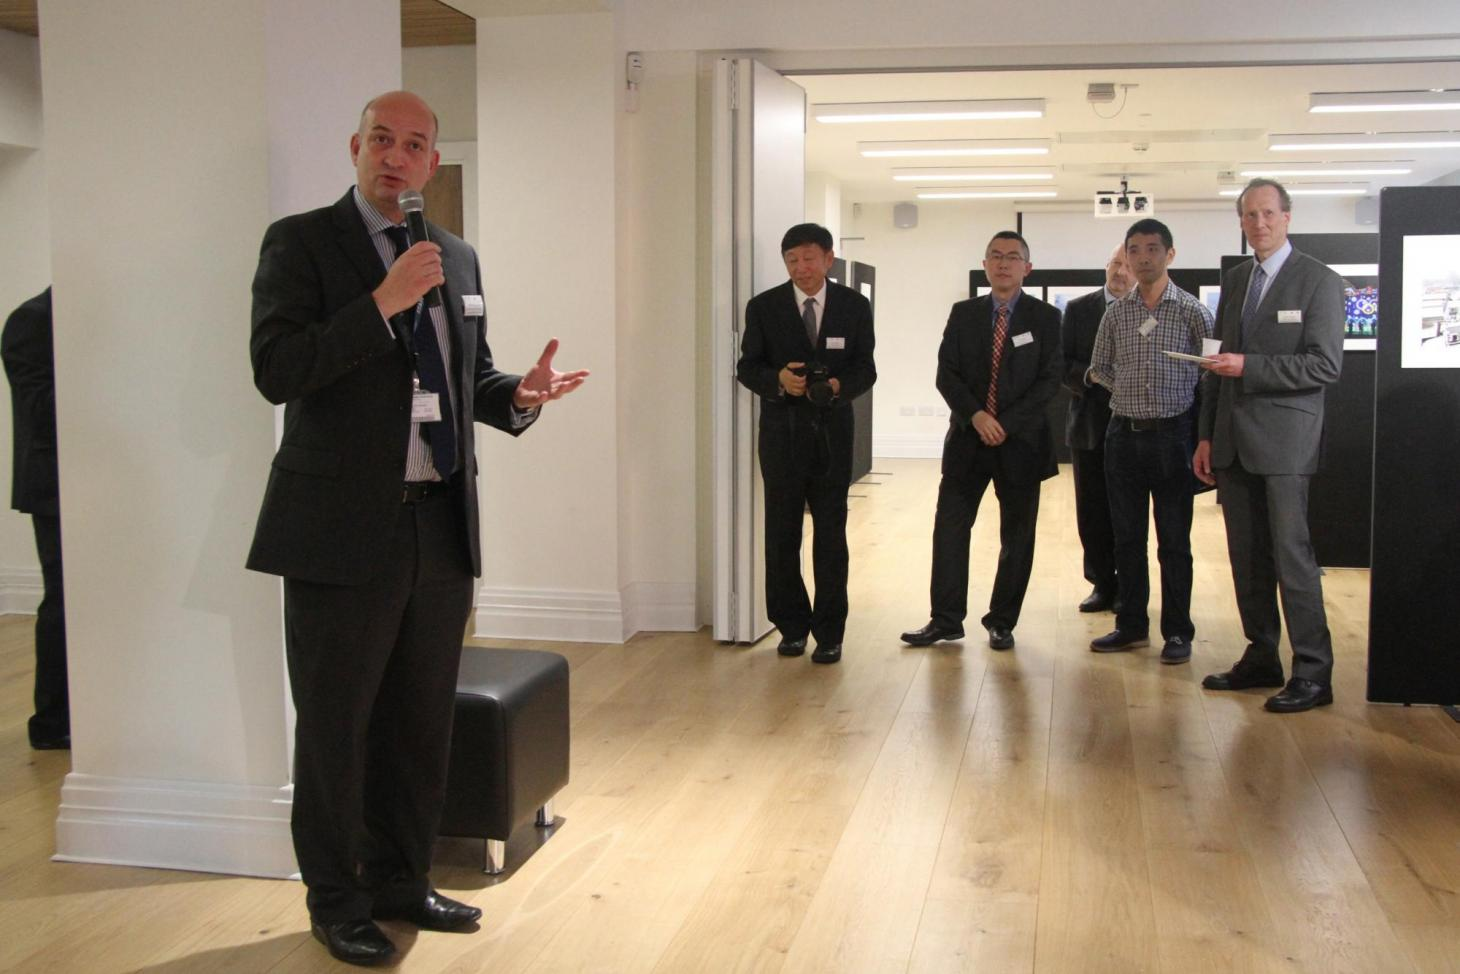 speech at event